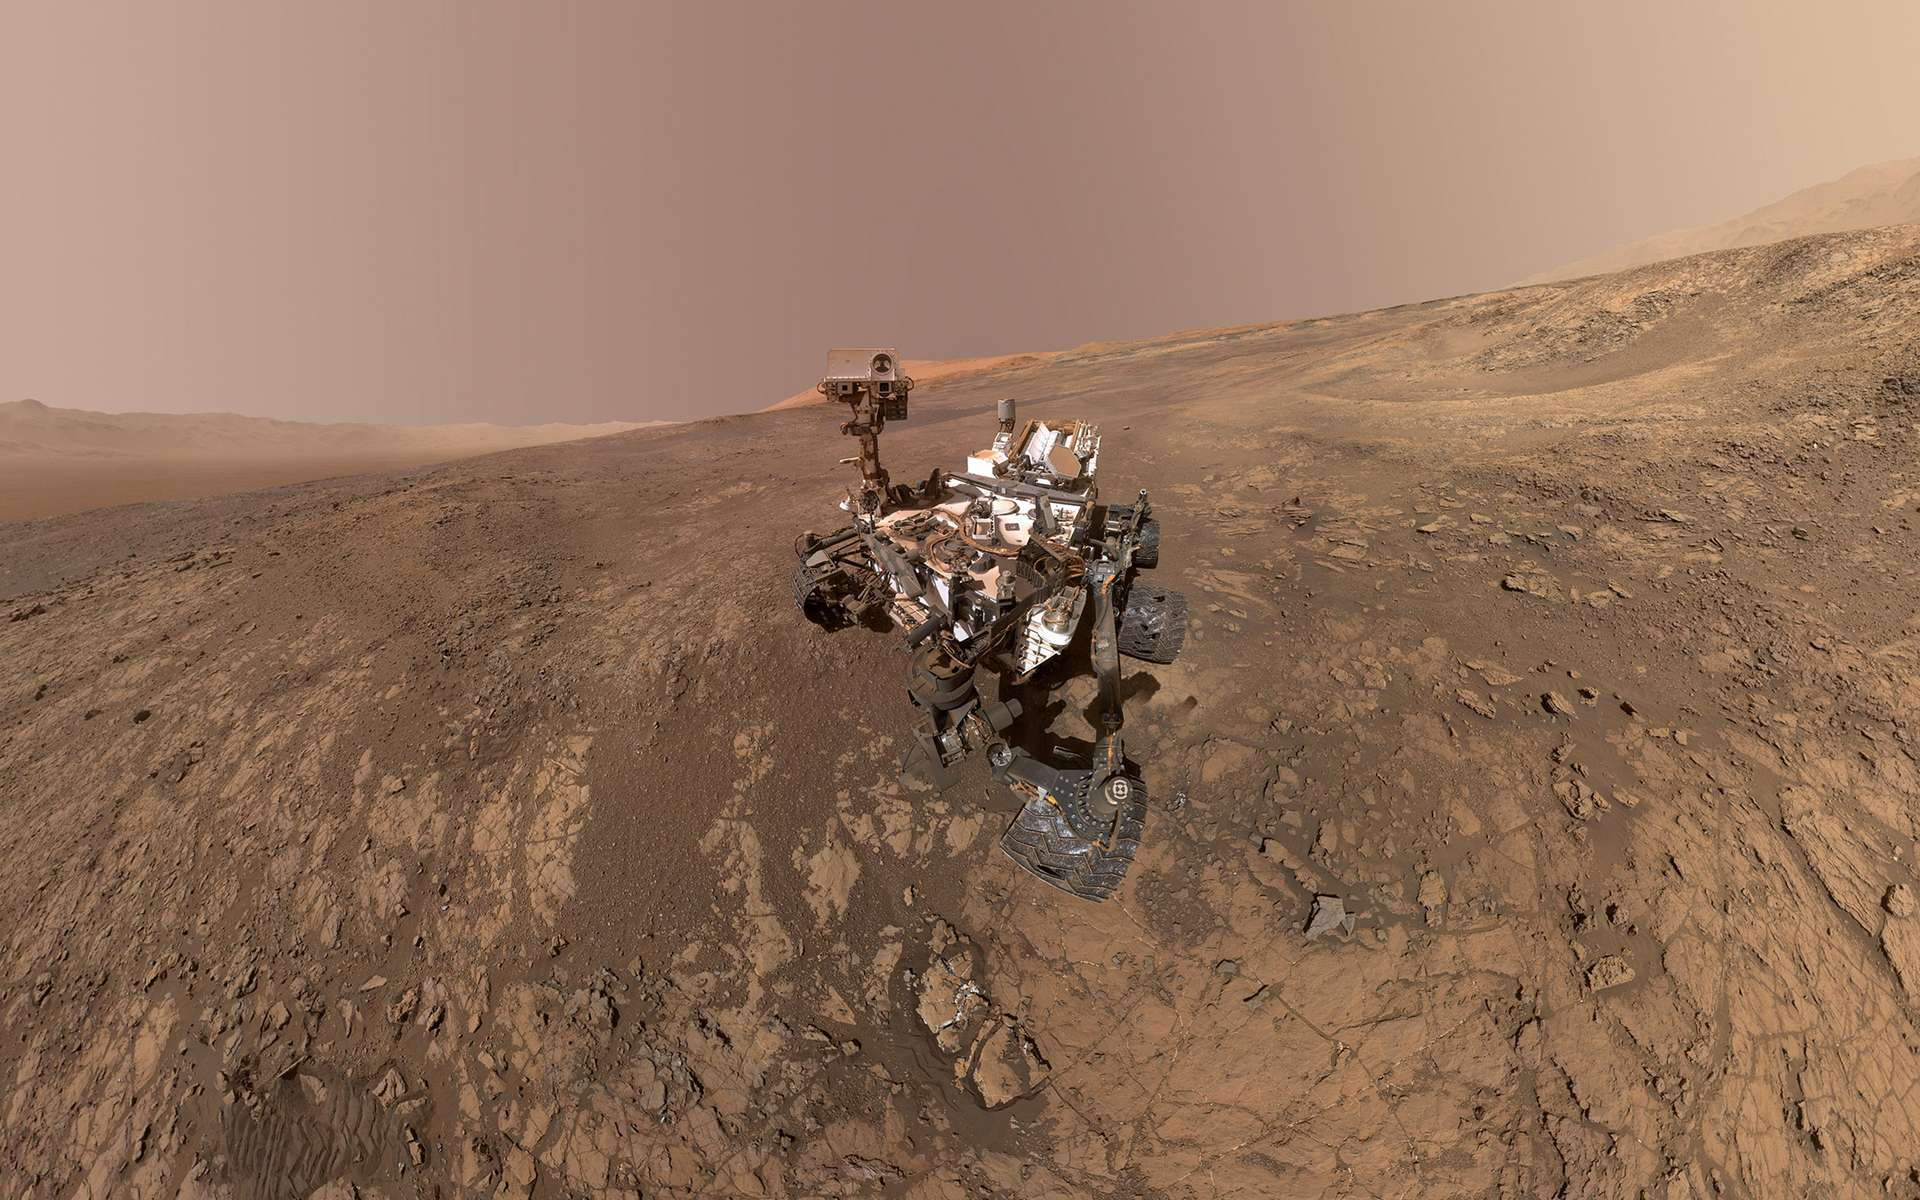 Selfie de Curiosity sur la ride d'hématite de Vera Rubin Ridge, à quelques encablures des dépôts argileux du cratère Gale. © Nasa, JPL-Caltech